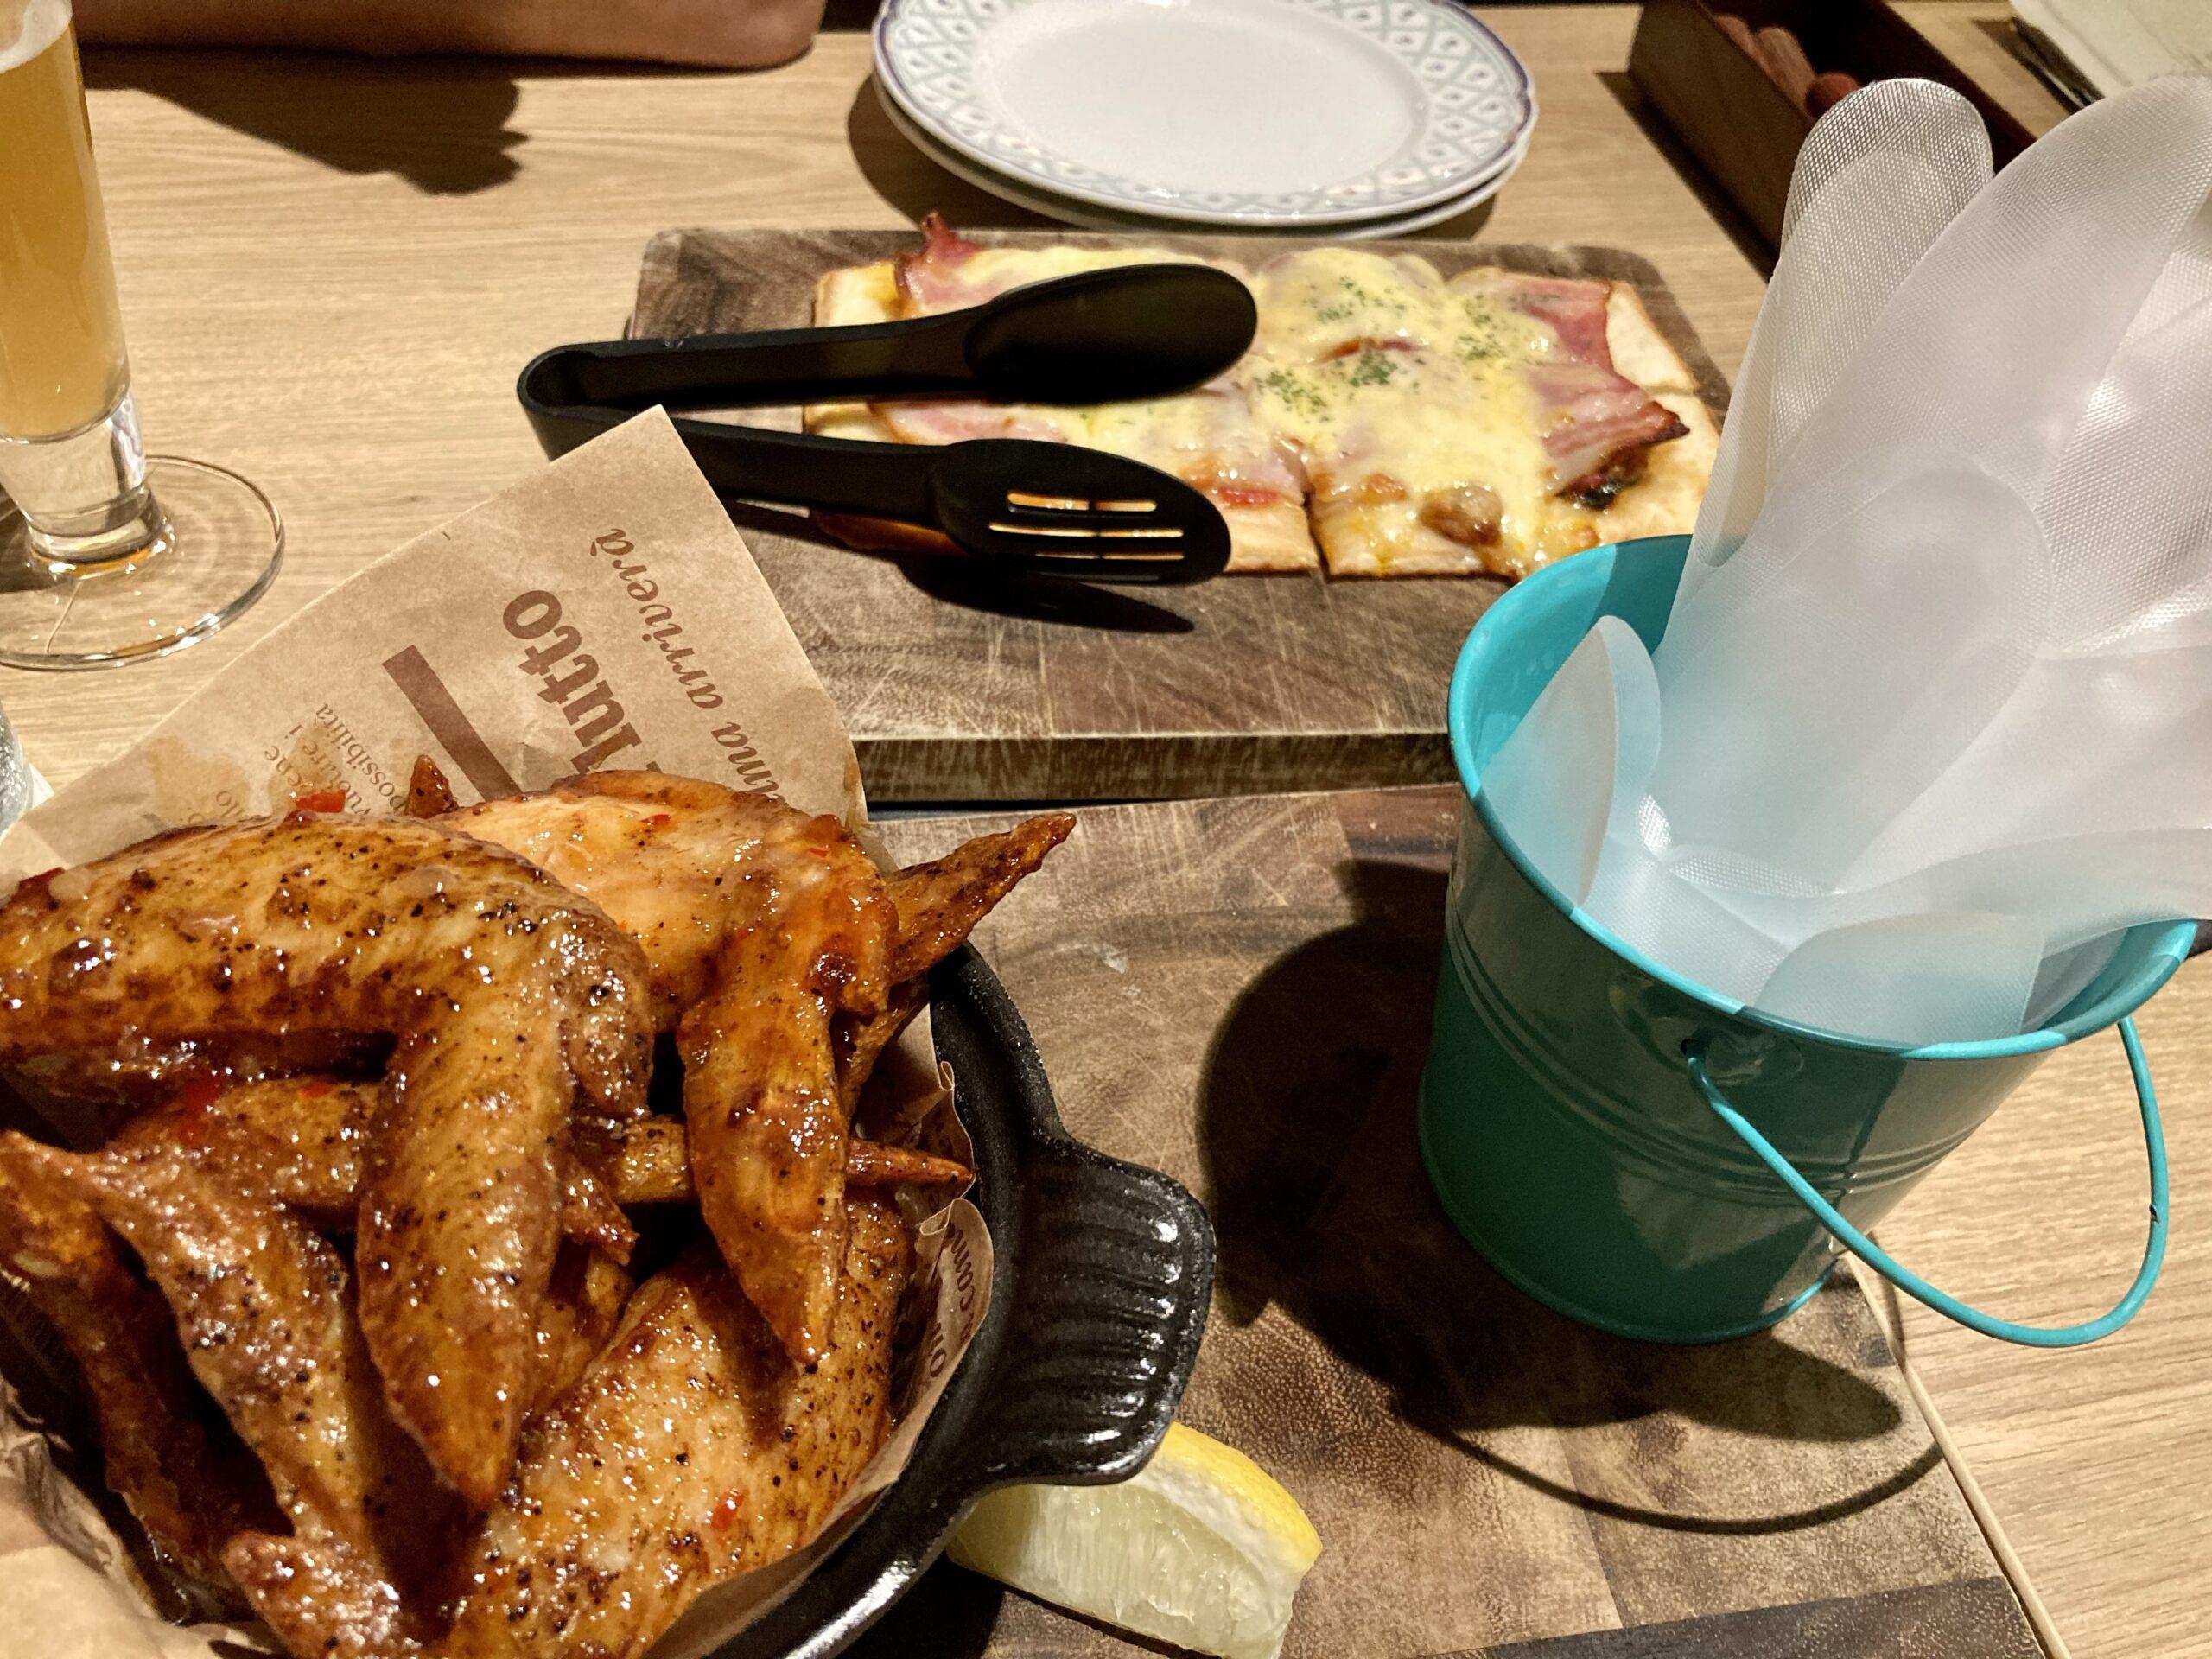 「コートヤードbyマリオット白馬」レストランでの食事の様子